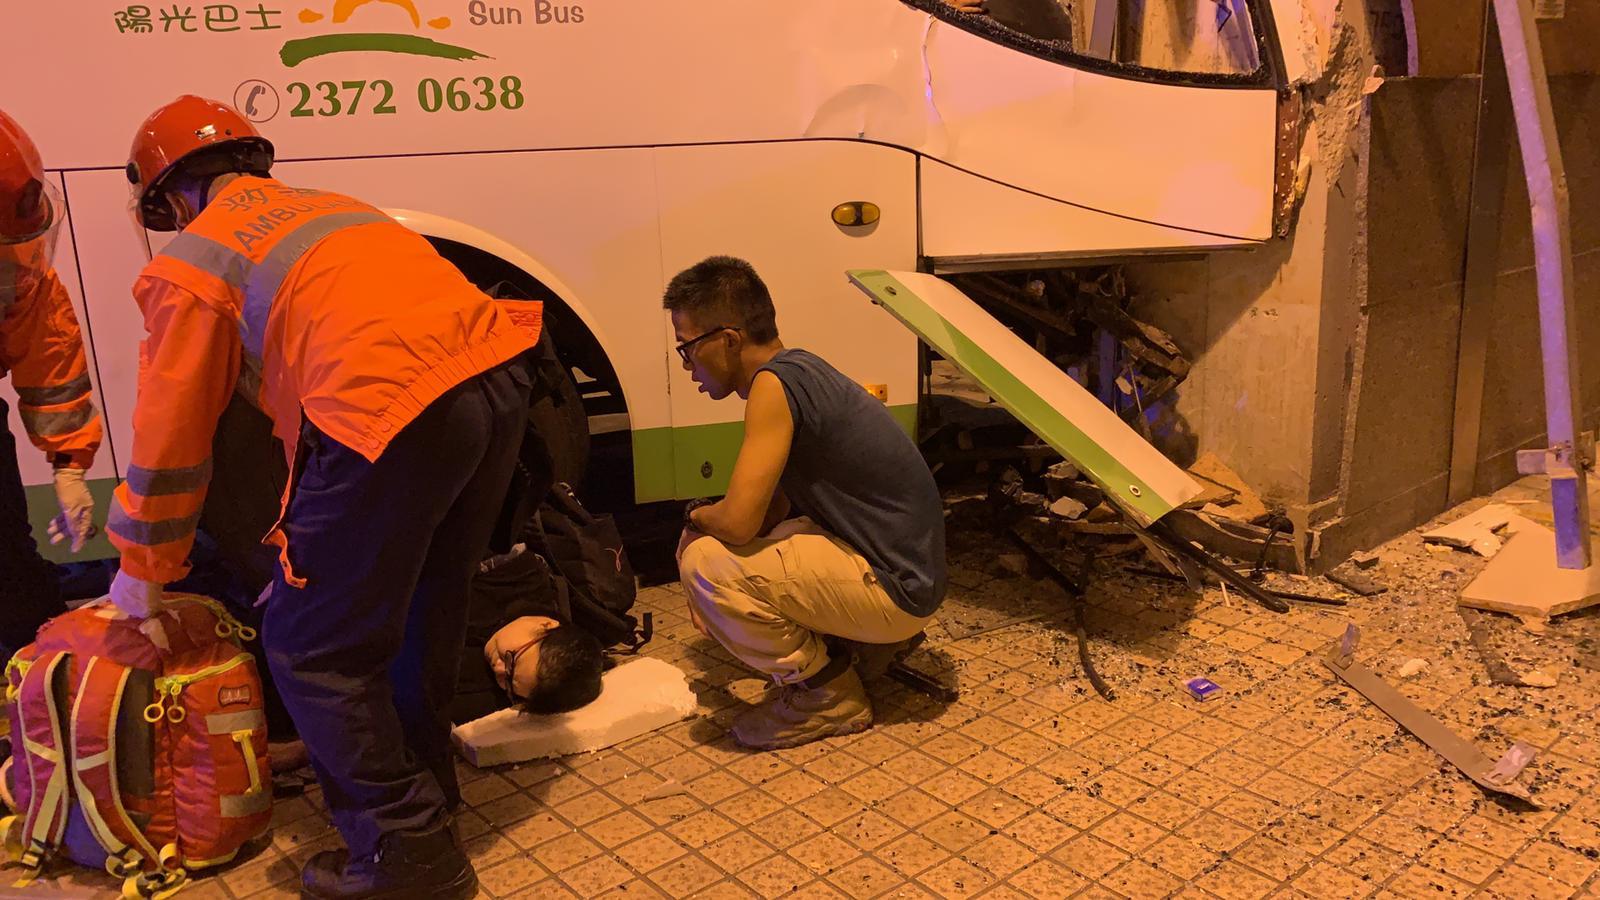 【最新·多圖】德福廣場穿梭巴士衝上行人路 一死十六傷